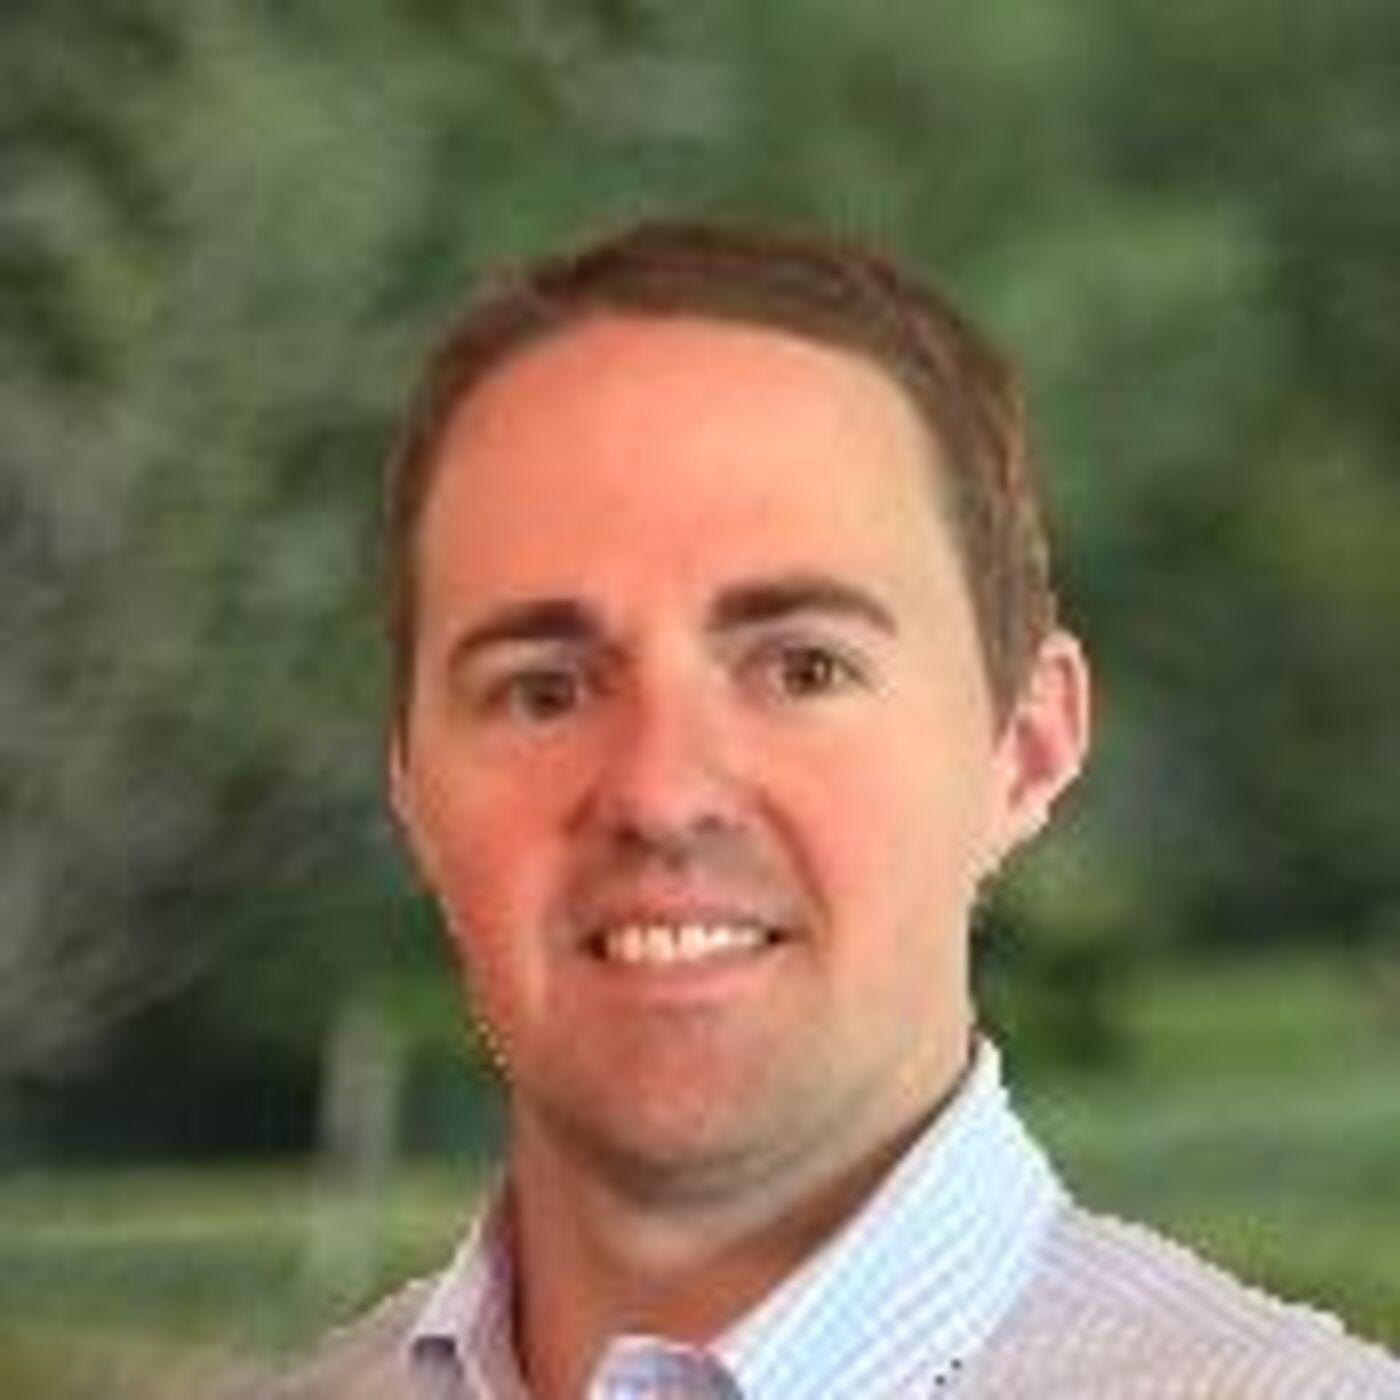 Paul Leitner - Senior Counsel for Hewlett Packard Enterprise